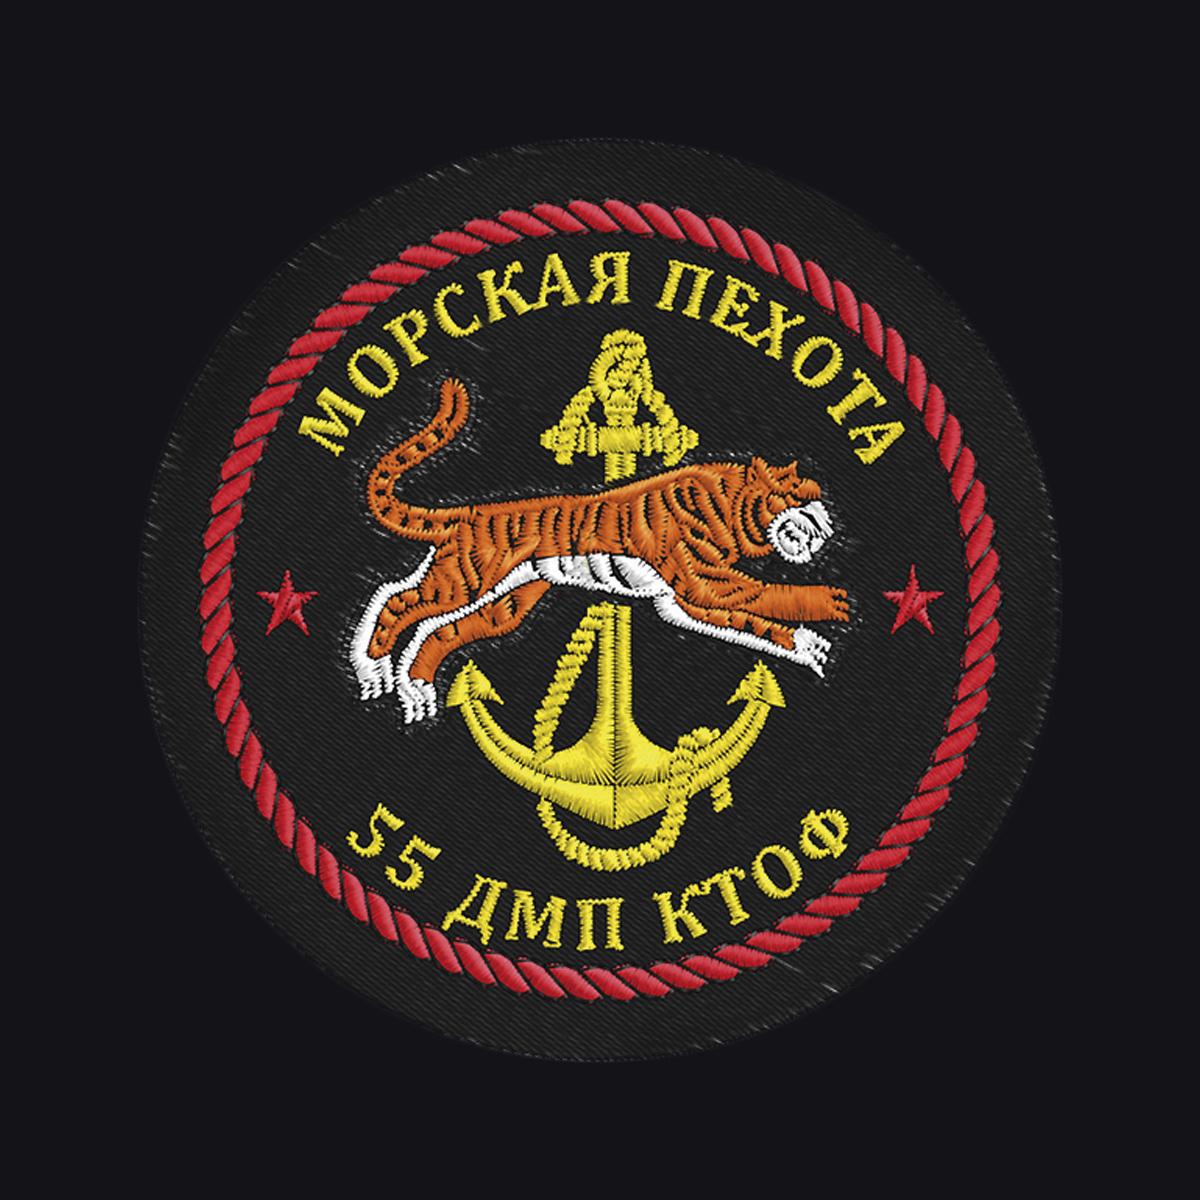 Футболка хлопковая с вышитой эмблемой Морпехов 55 ДМП КТОФ - заказать выгодно